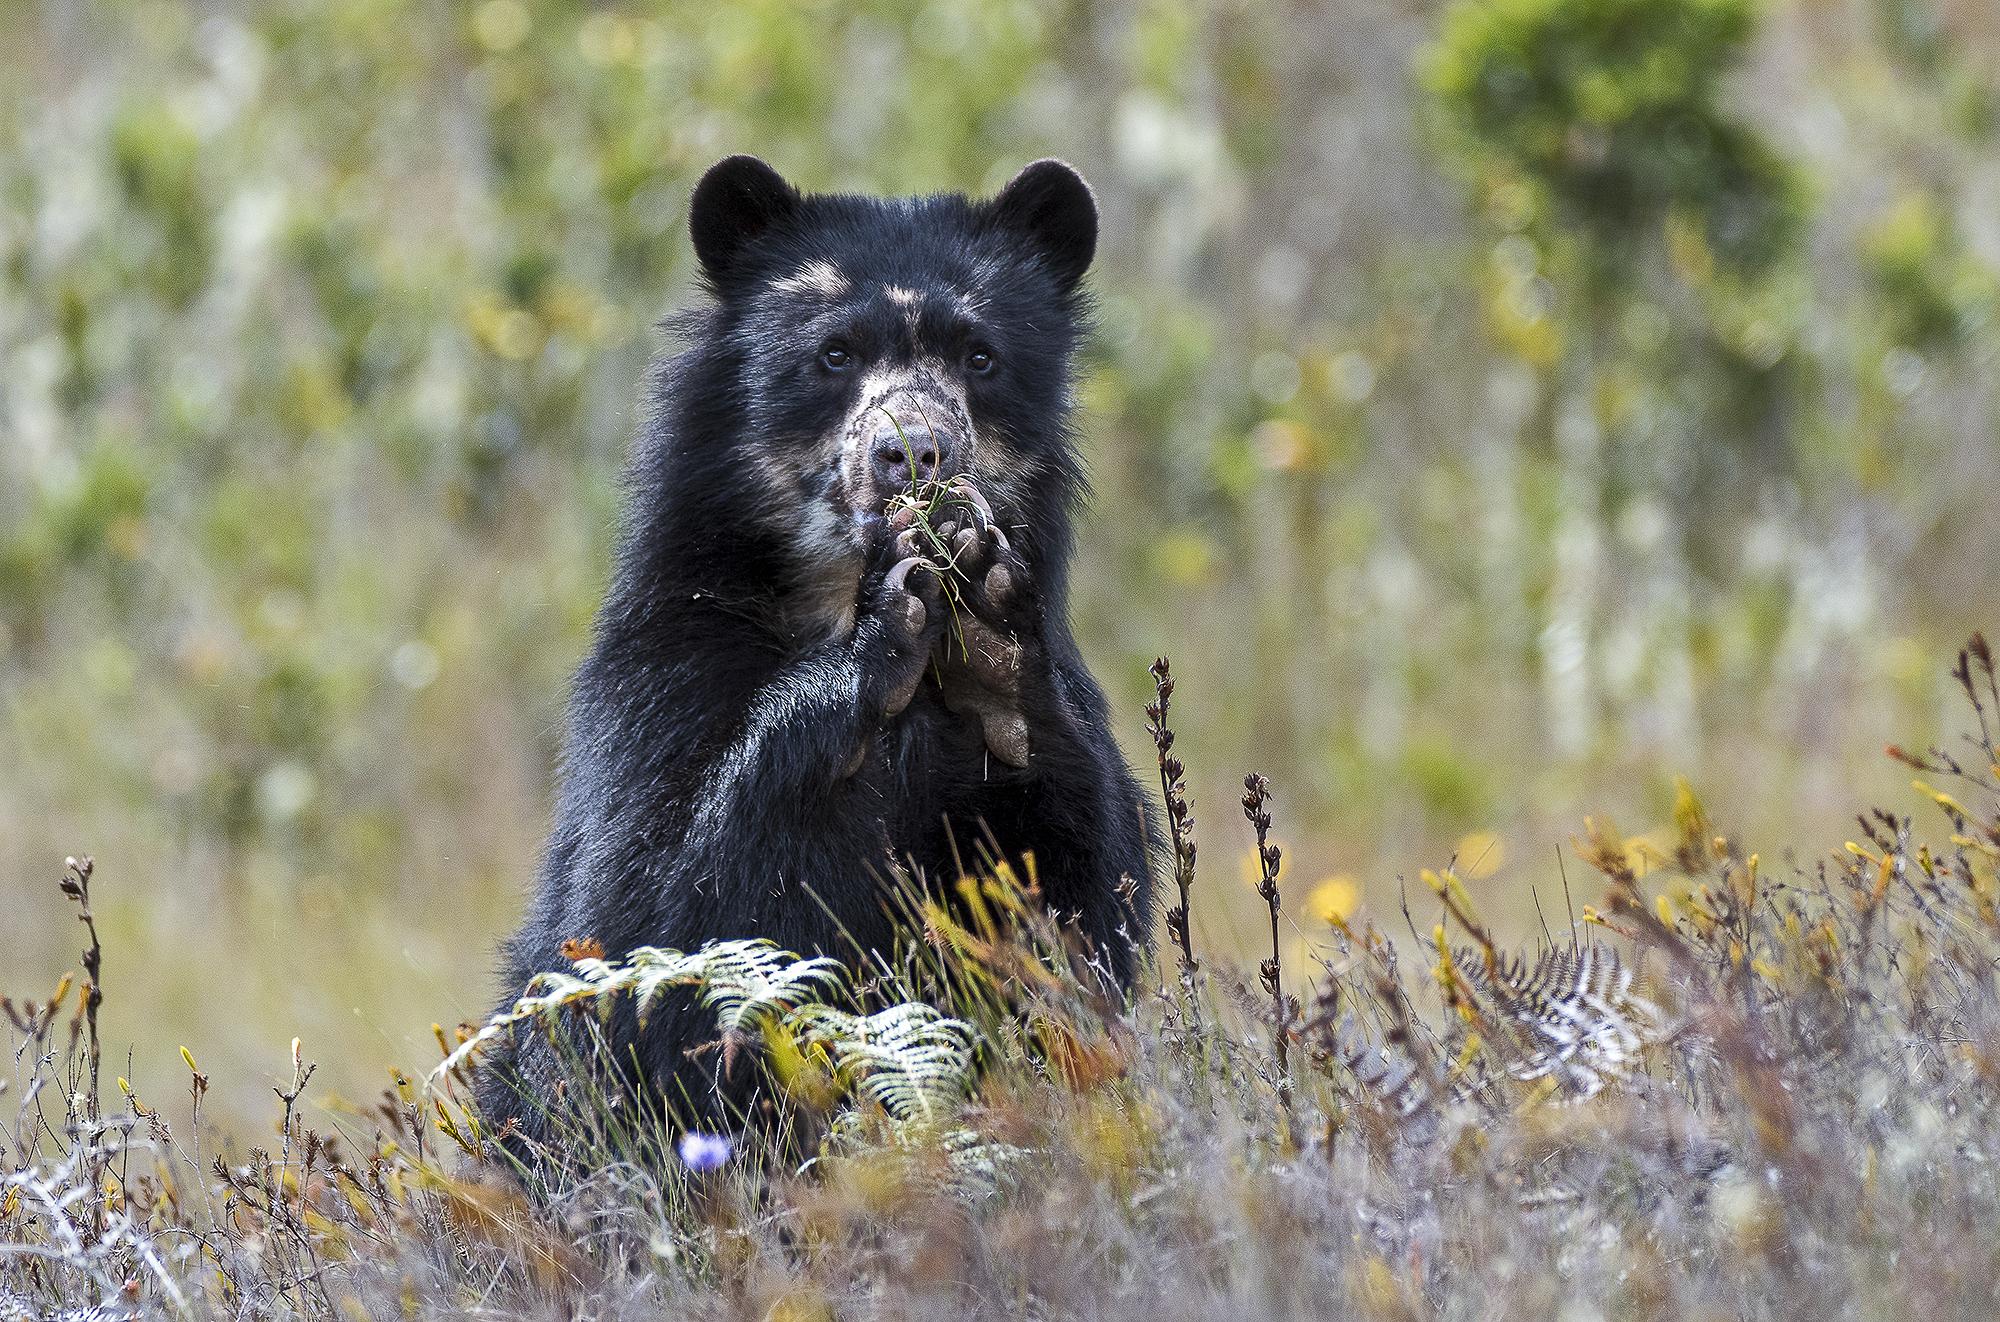 El oso andino u oso de anteojos es una especie en situación vulnerable expuesto a amenazas causadas por actividades humanas. Foto: Michael Tweddle.